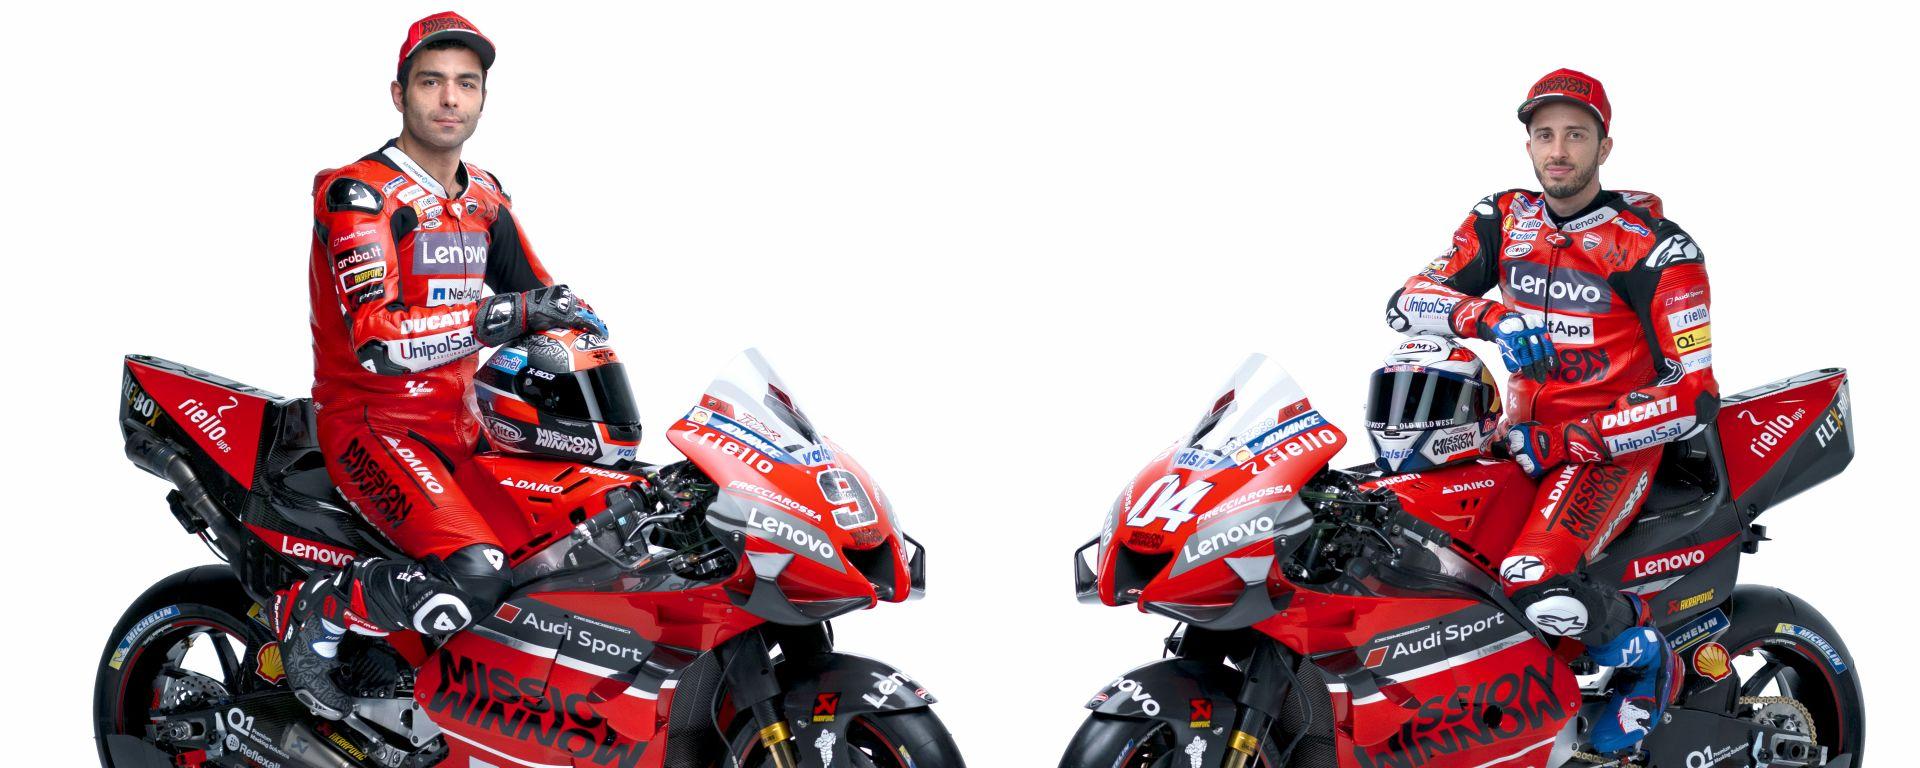 MotoGP 2020, Mission Winnow Ducati Corse, Ducati Desmosedici GP20, Danilo Petrucci e Andrea Dovizioso